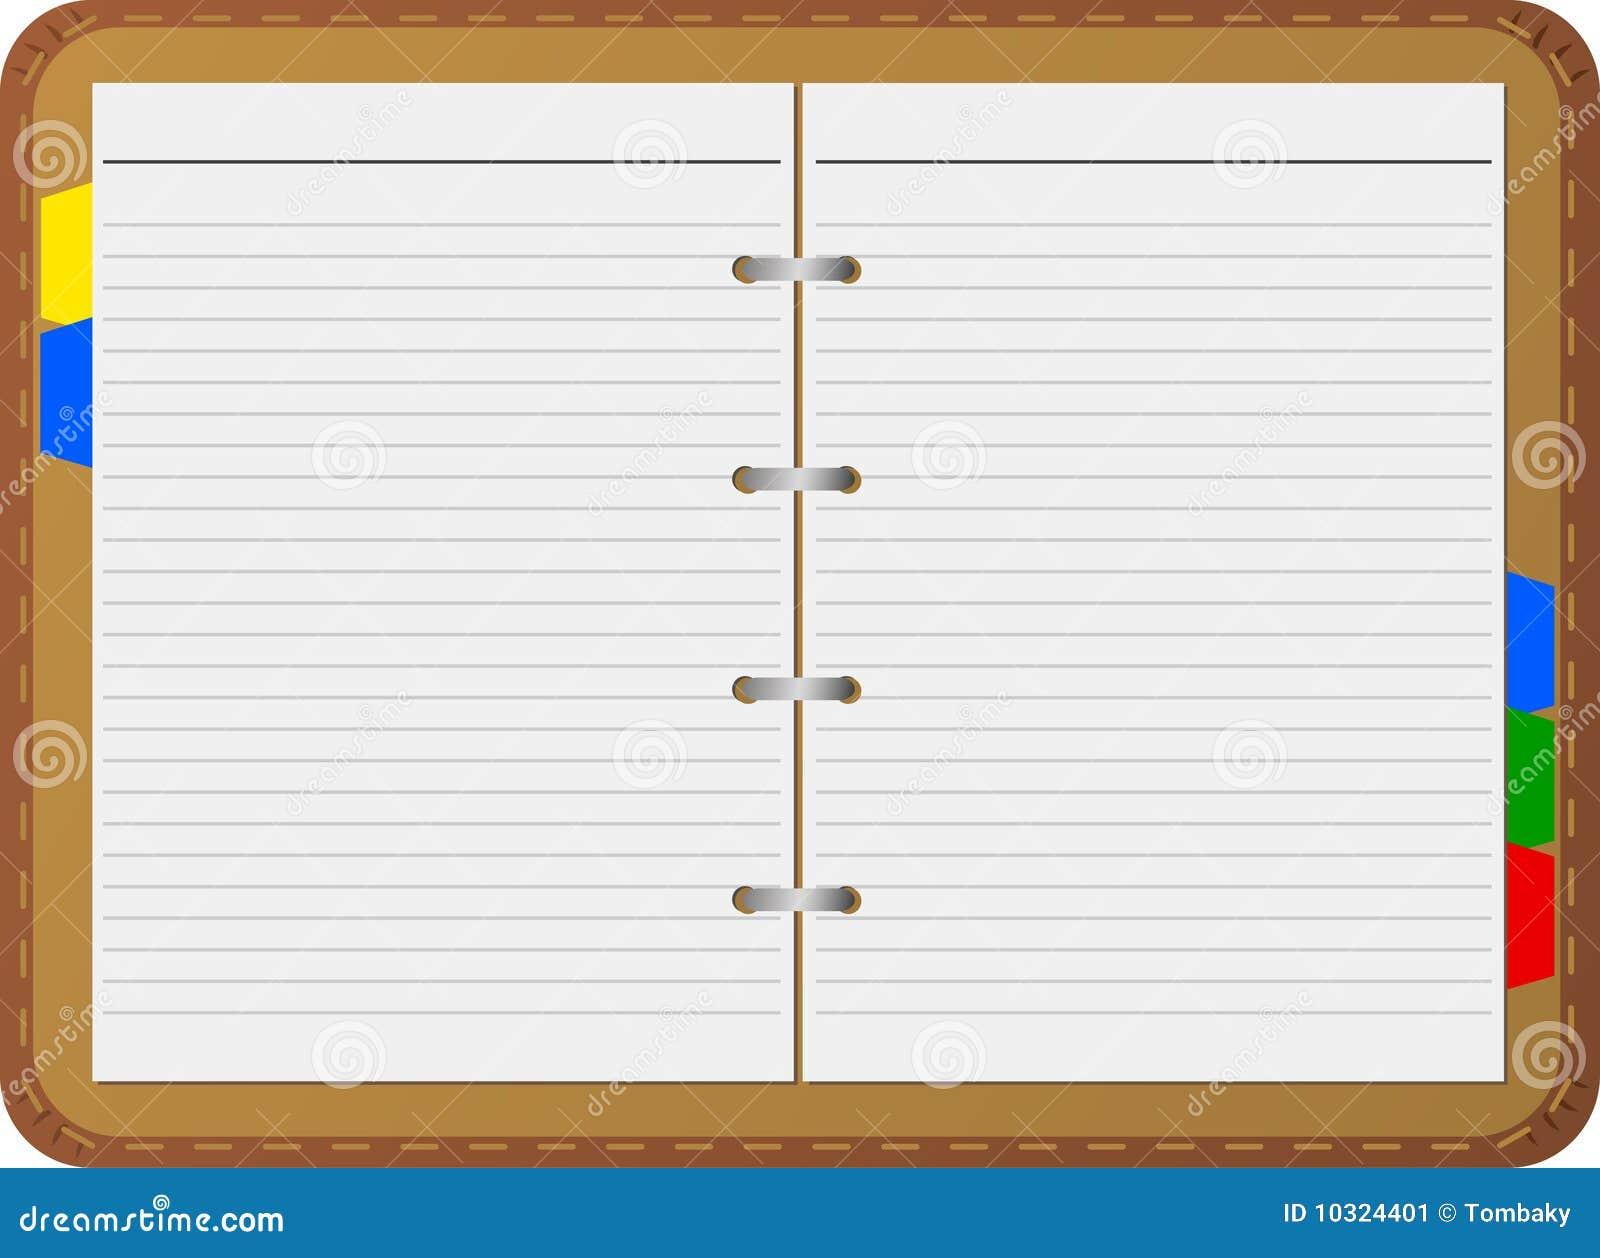 8  Desk Calendar